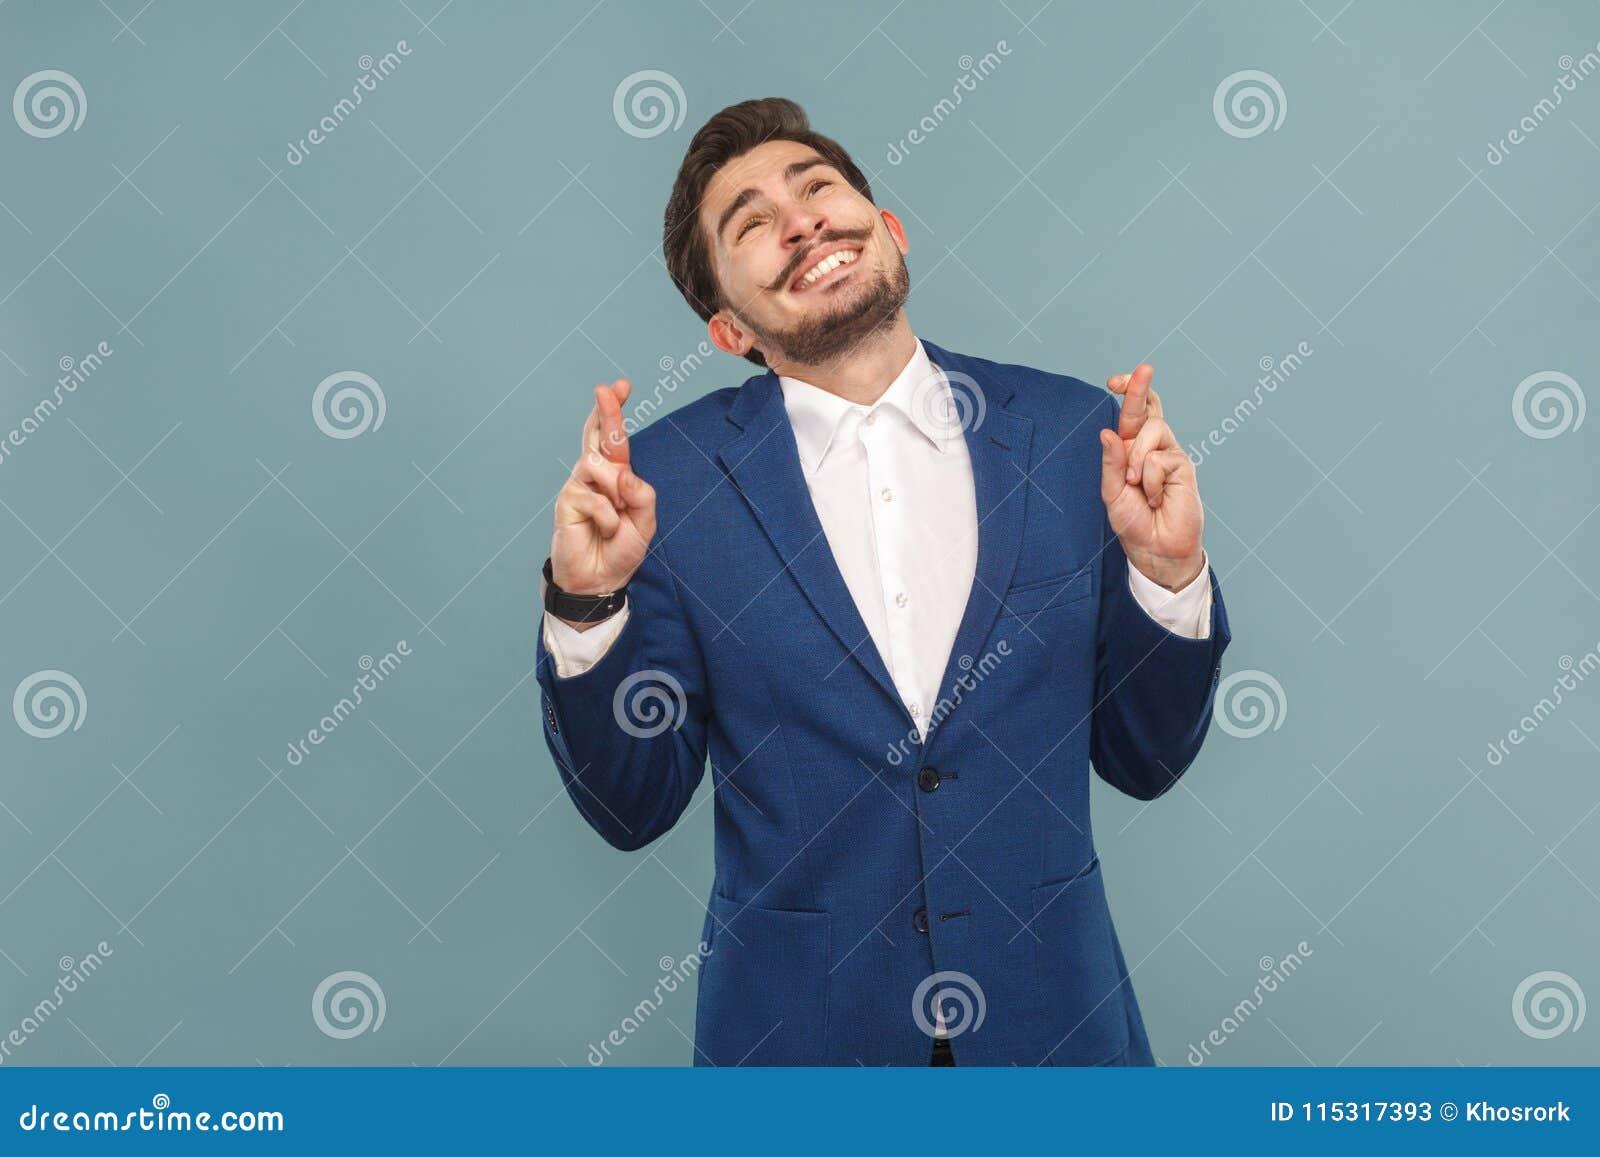 Το οδοντωτό χαμόγελο επιχειρησιακών ατόμων, διασχισμένη επιθυμία δάχτυλων, προσεύχεται και ελπίζει